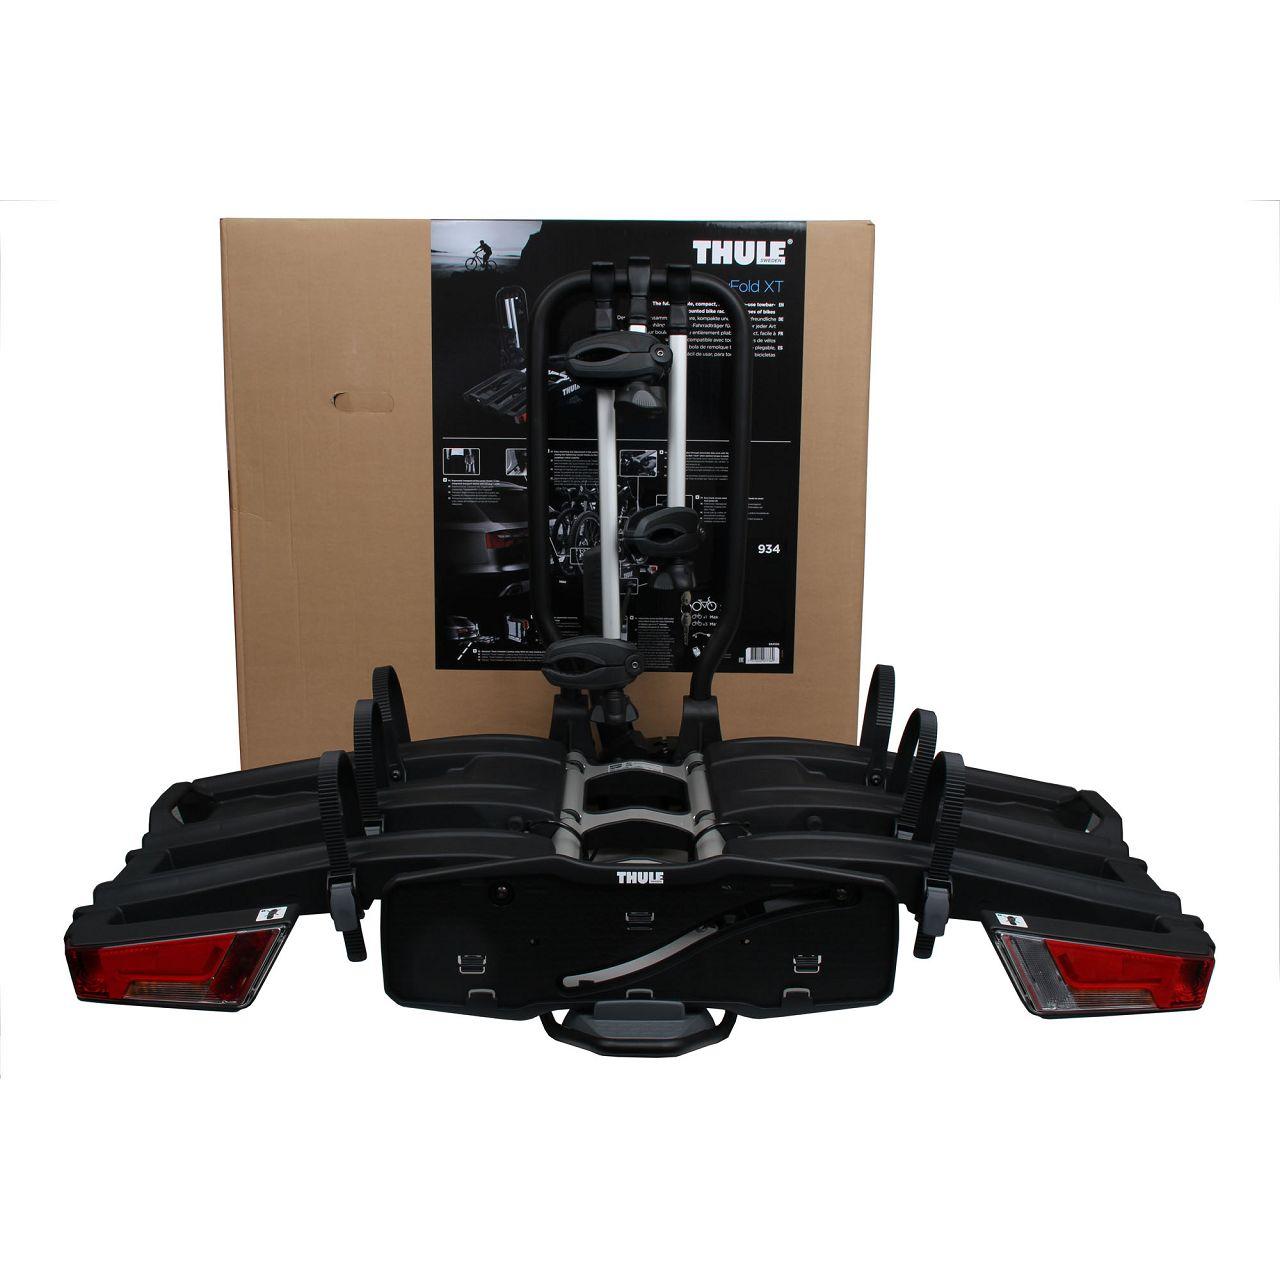 THULE Heckträger Kupplungsträger Fahrradträger EASYFOLD XT 934 für 3 Räder